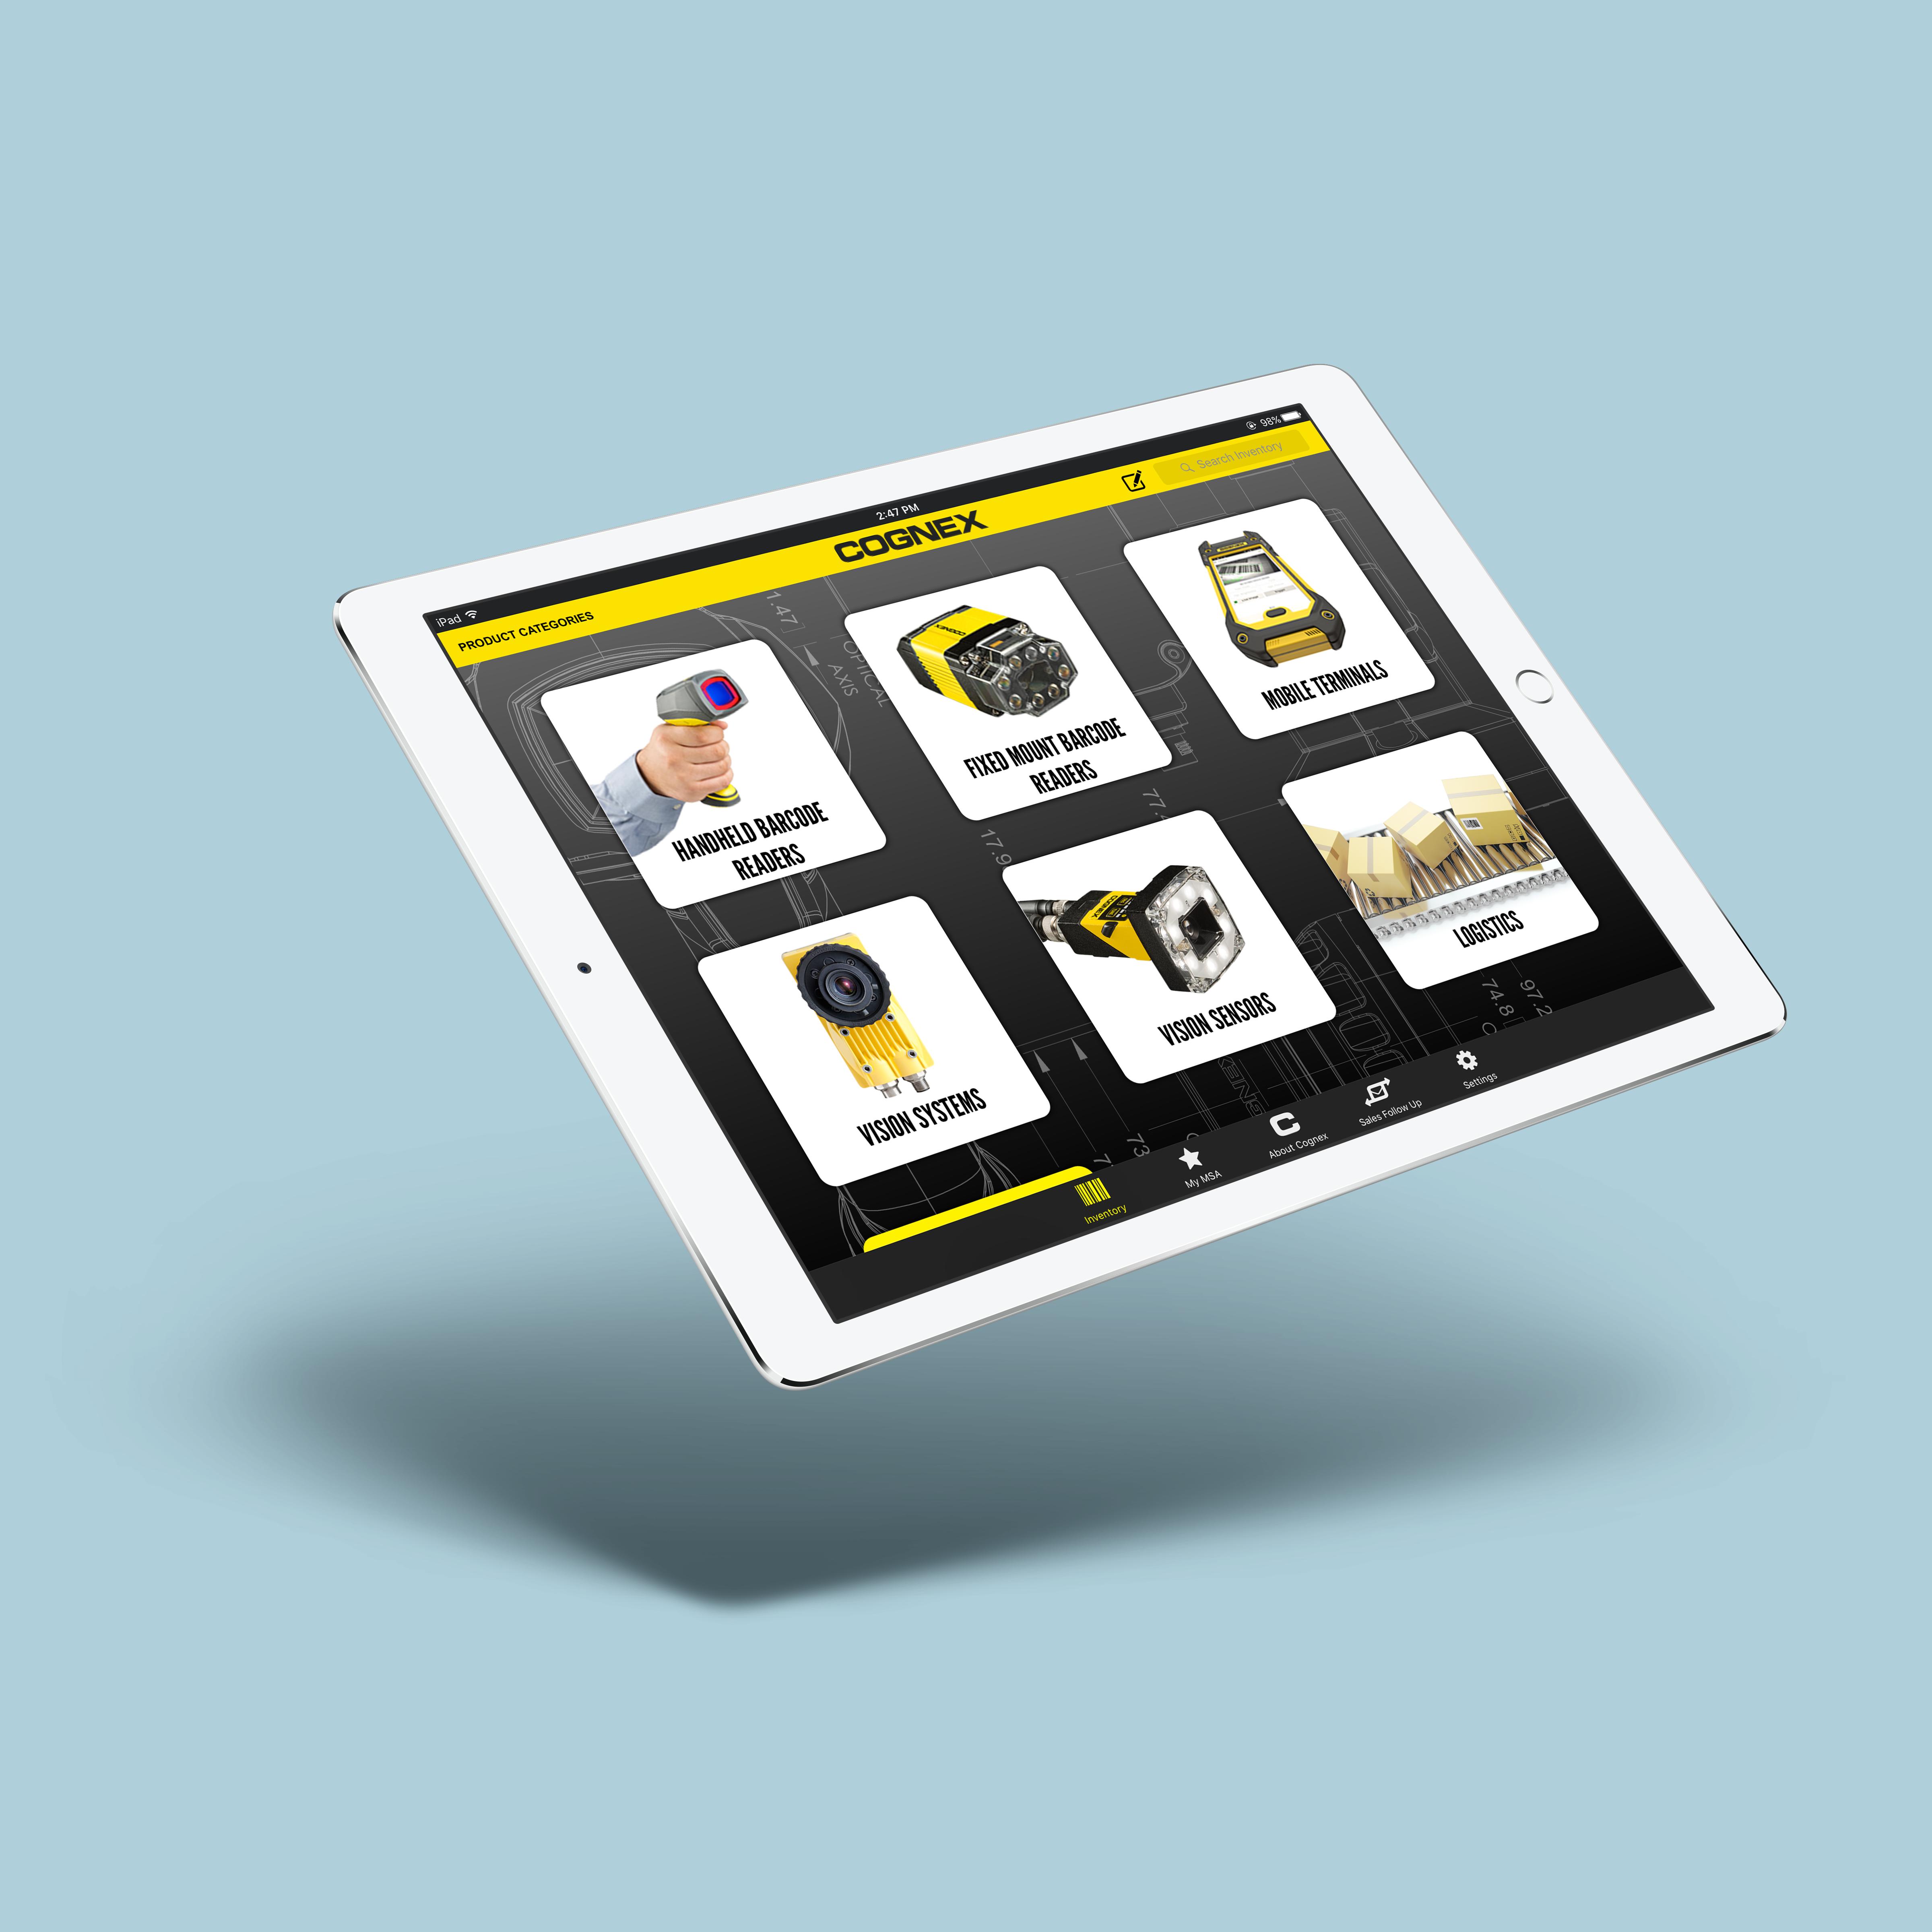 Cognex iPad app custom built by AndPlus